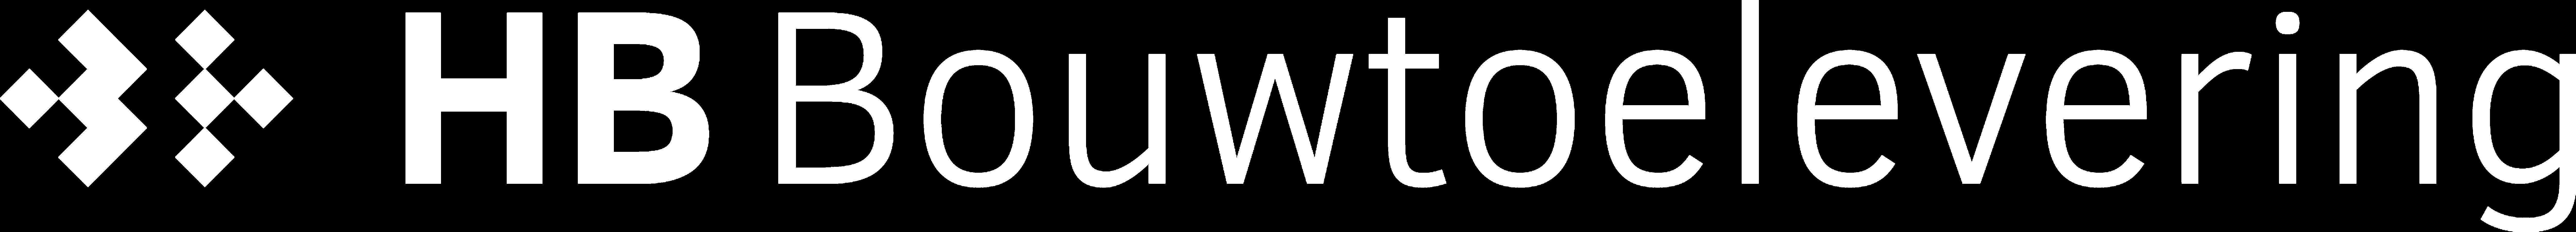 Logo-HB-Bouwtoelevering